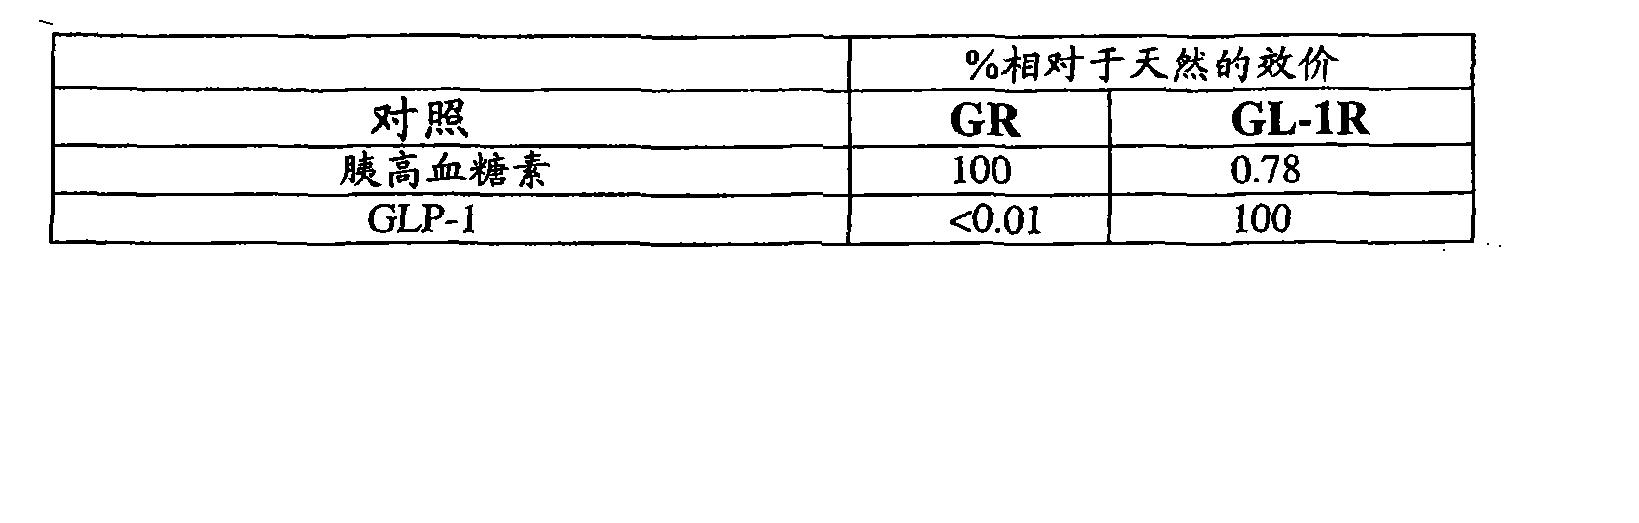 Figure CN101790538BD00602